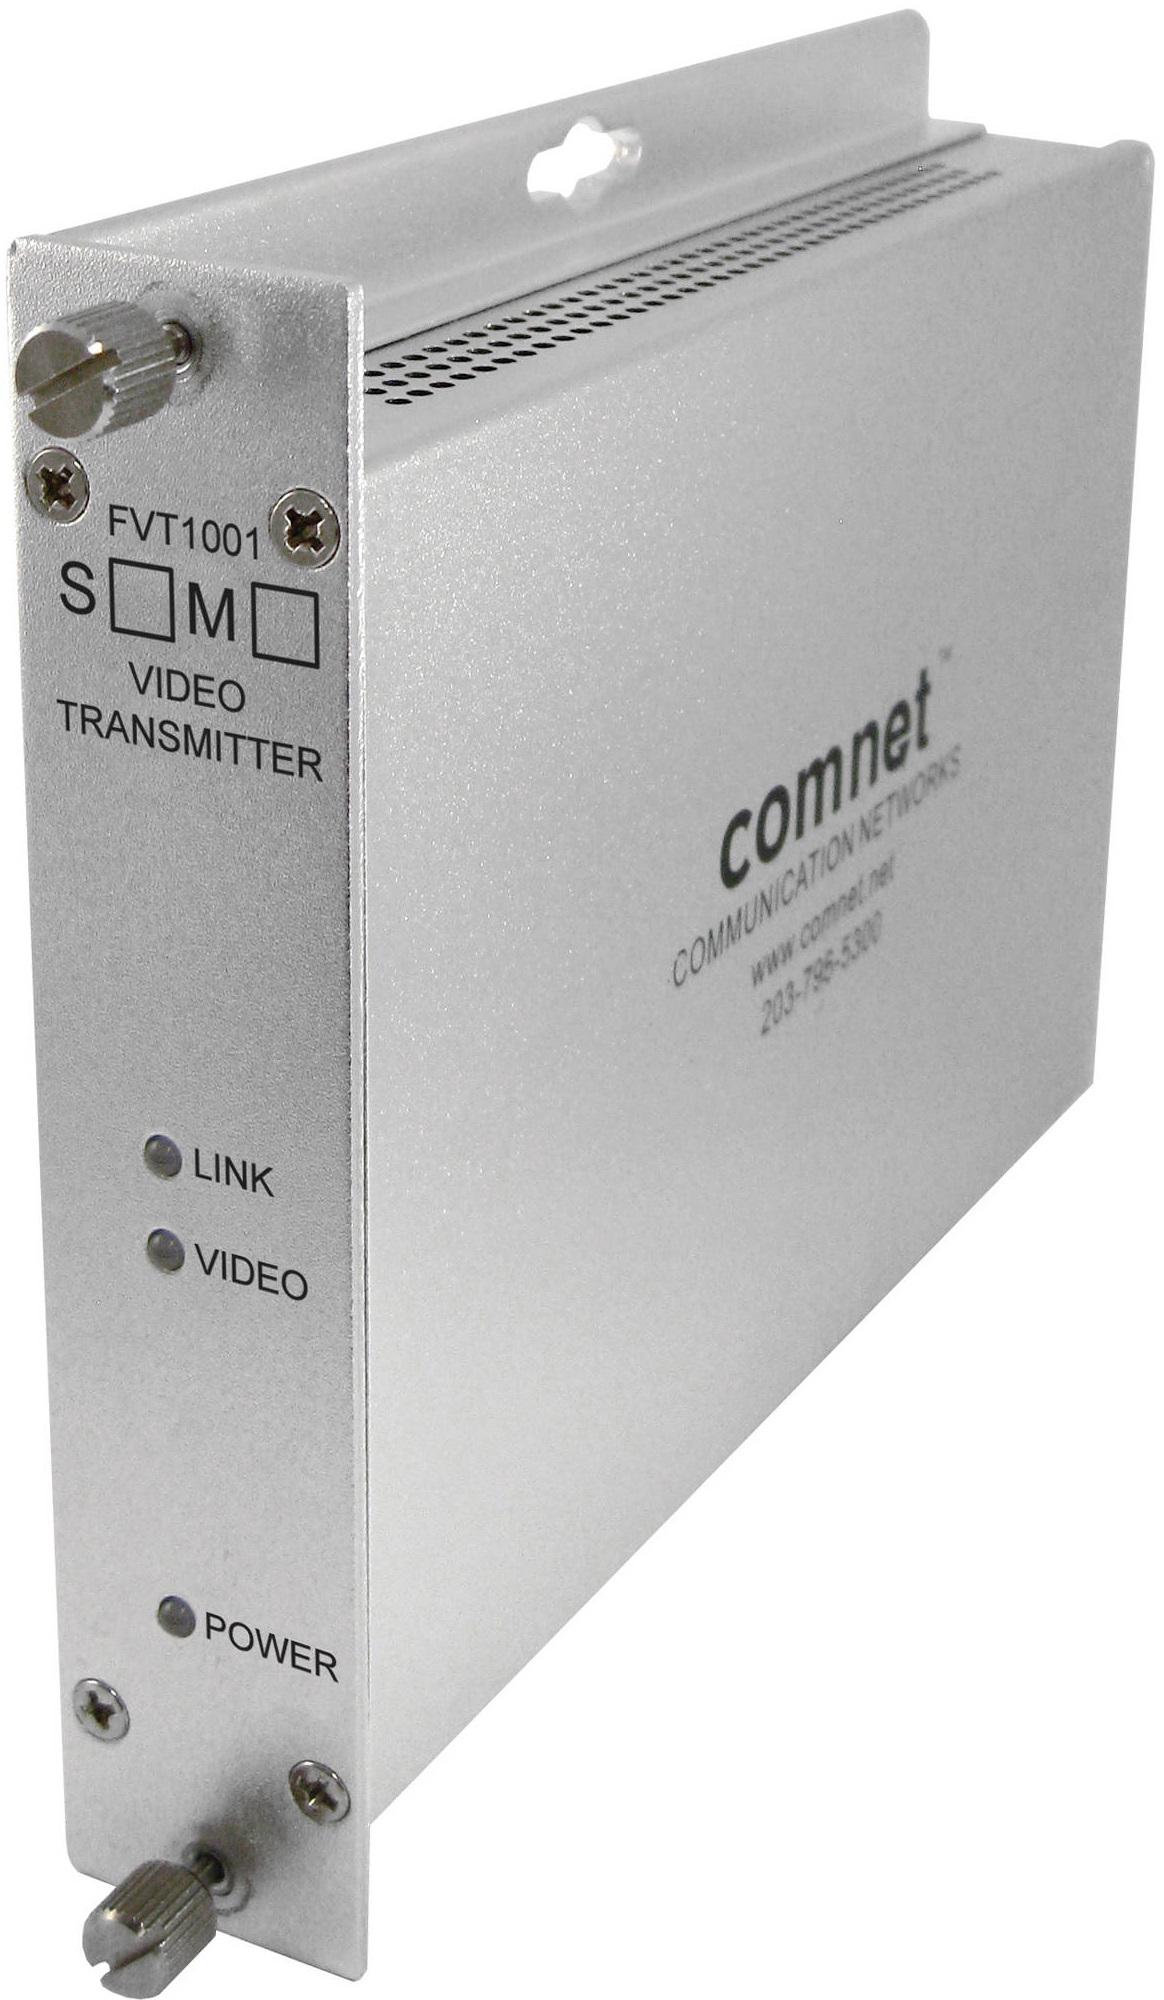 COMNET FVT1001M1